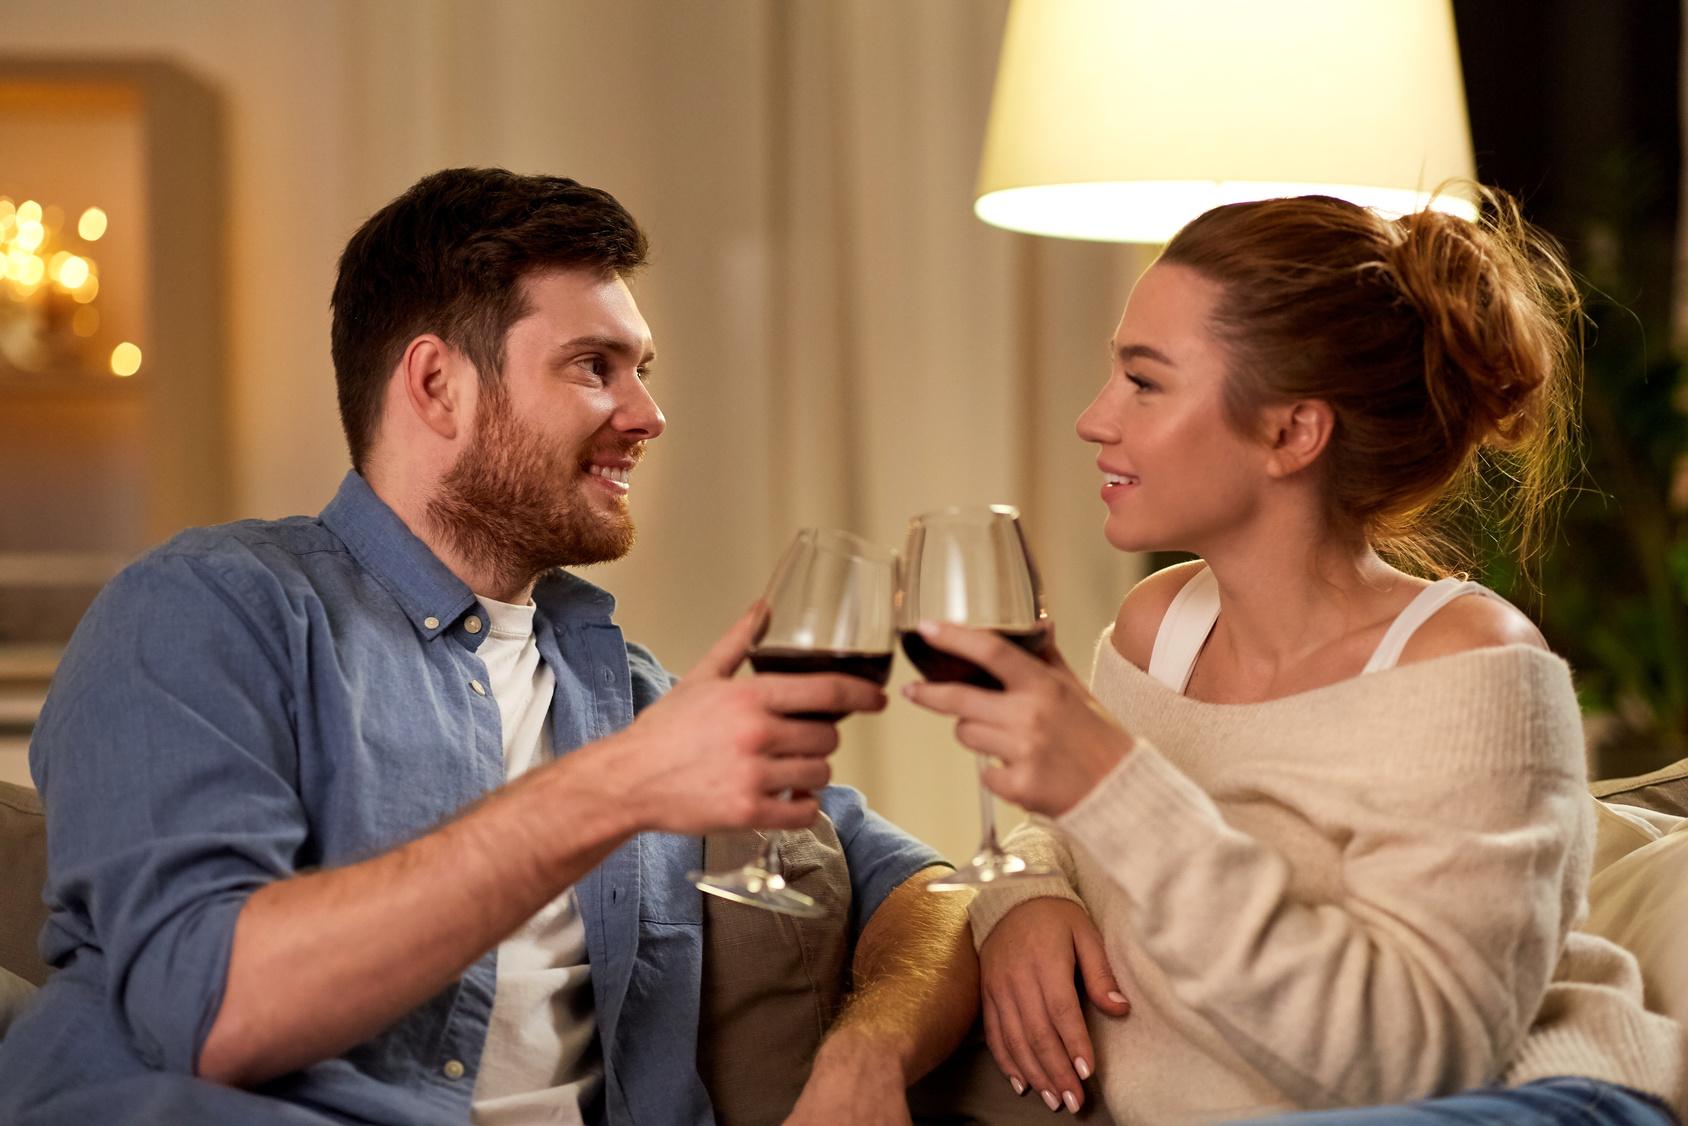 Czy alkohol wpływa na zajście w ciążę